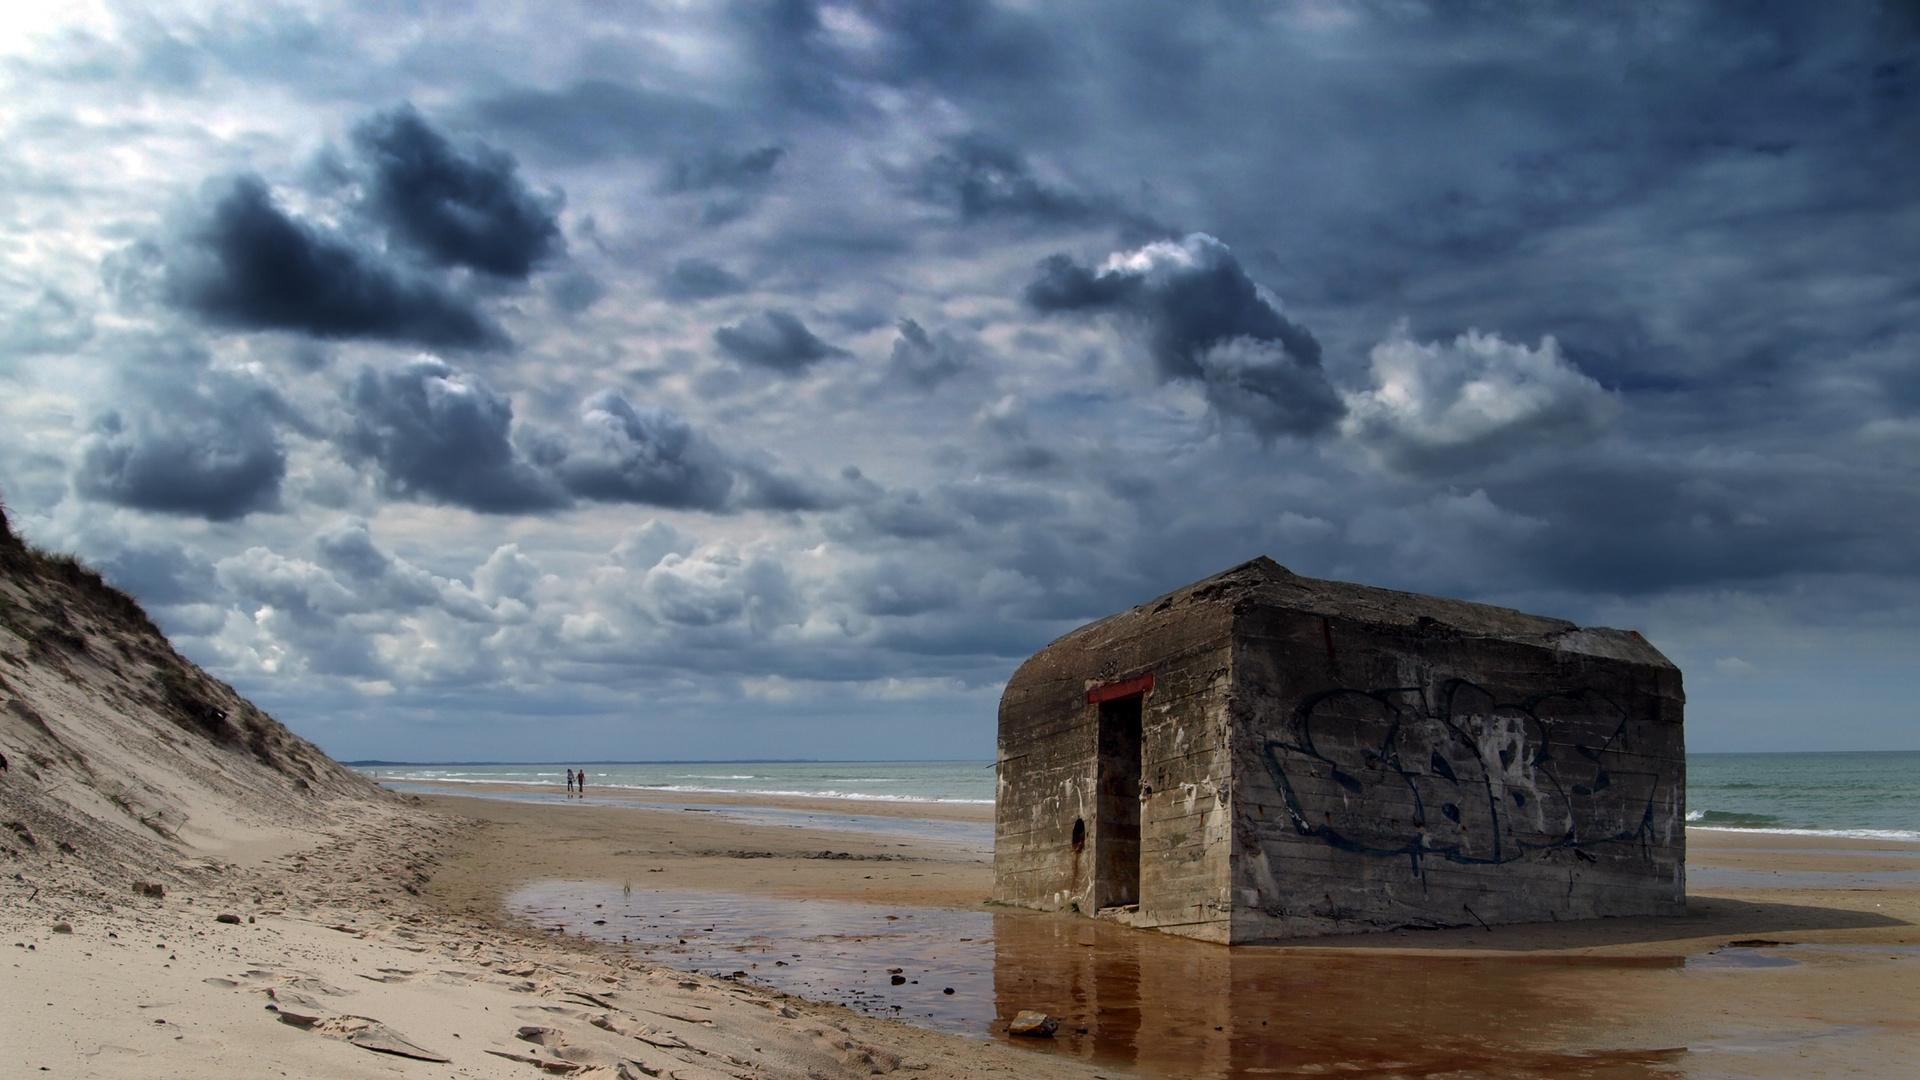 Alter Bunker am Strand [16:9]